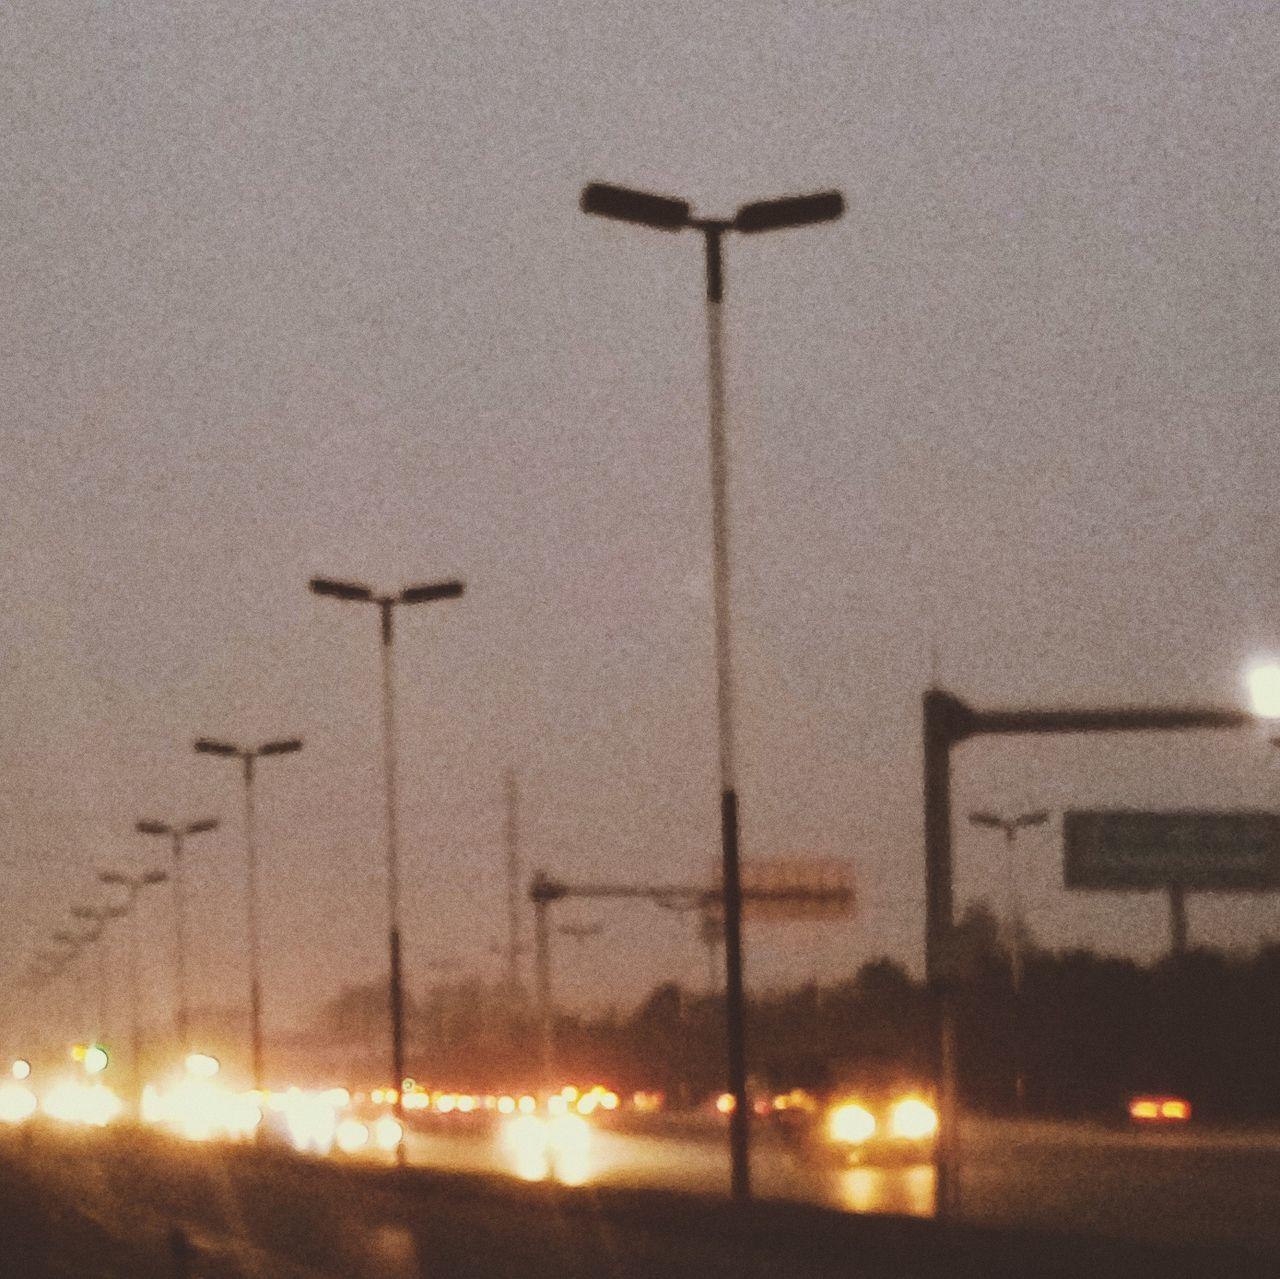 中国 China Sichuan Province Day Lamp Road Cars Sad Chengdu Outdoors Life Greasy Greasy Weather